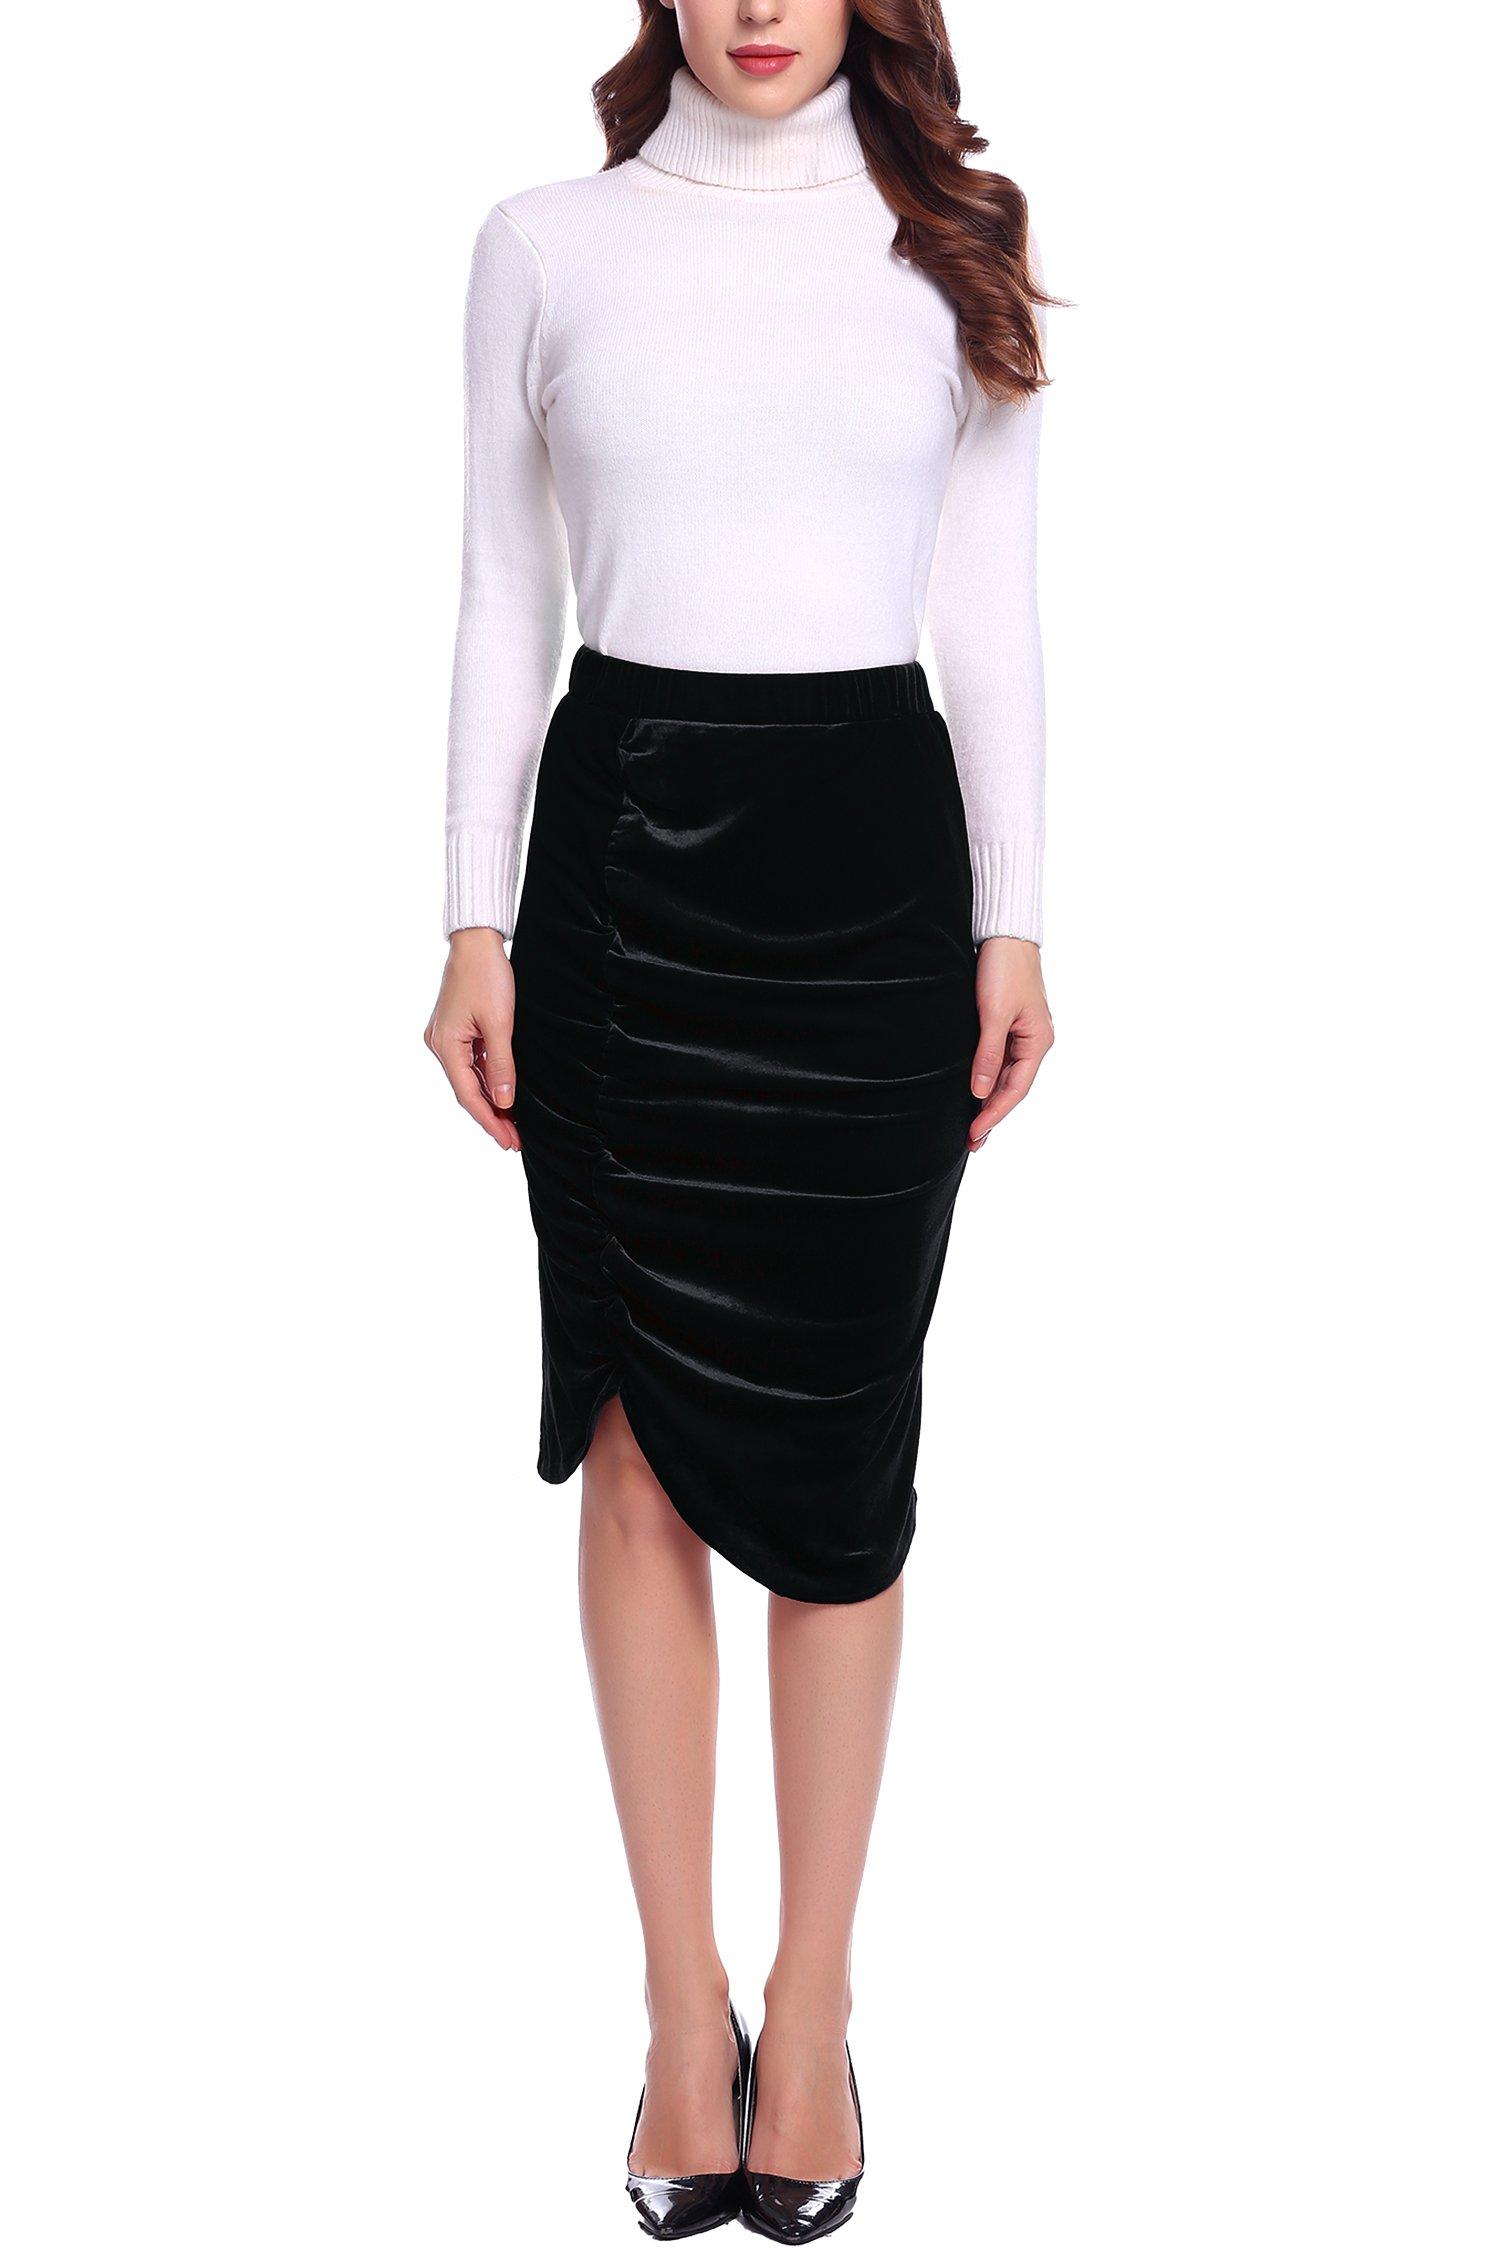 Zeagoo Elegant High Waist Midi Skirts Stretchy Velvet Pencil Ruched Skirt for Women